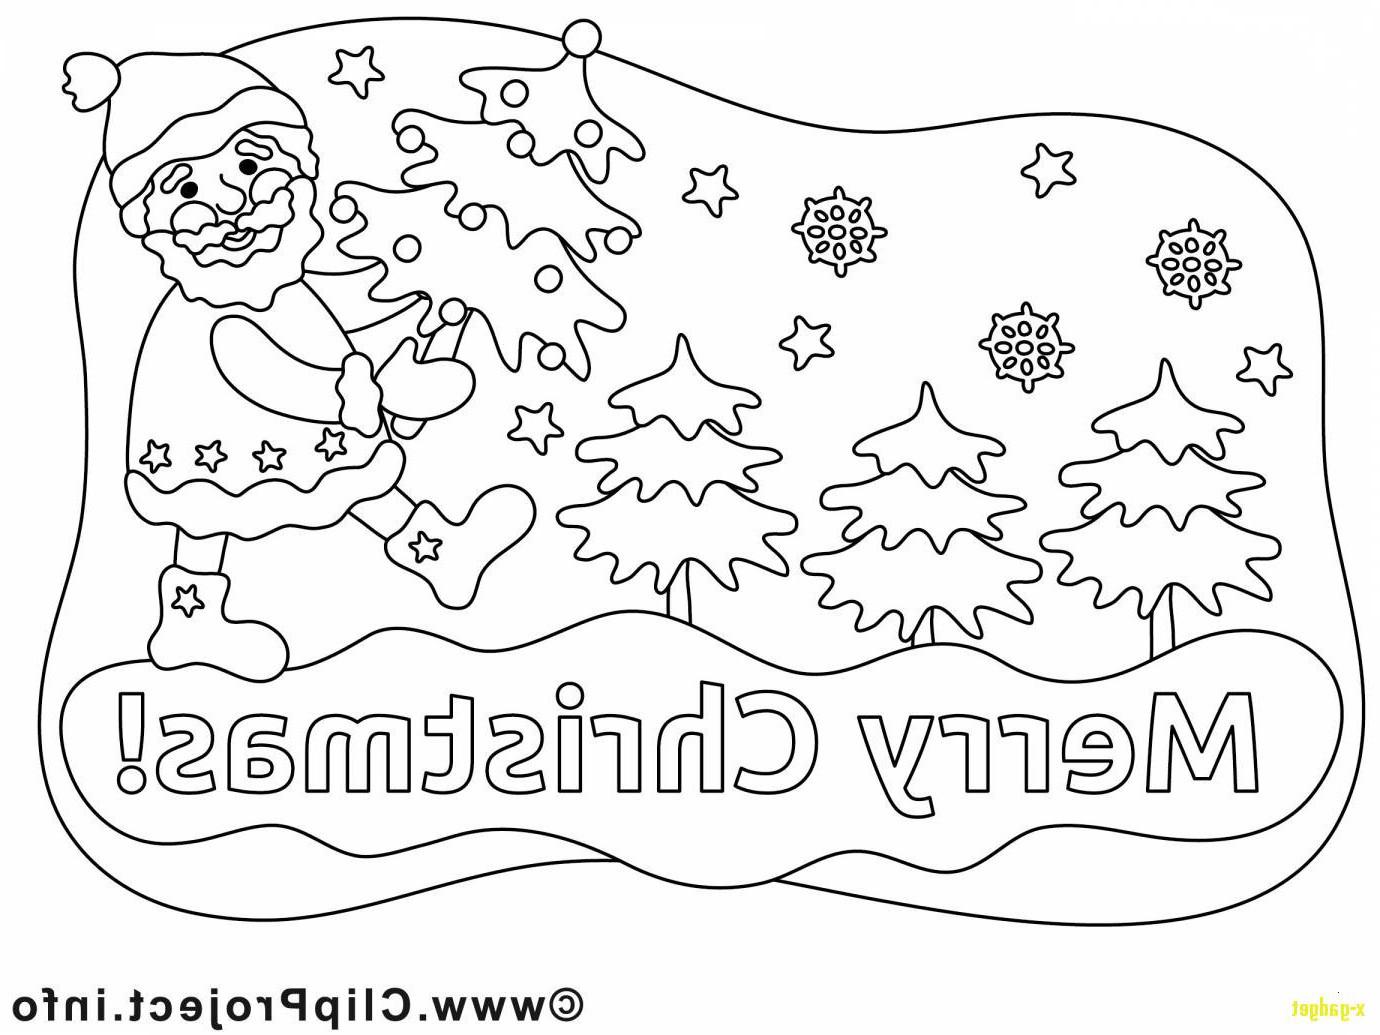 Weihnachts Ausmalbilder Rentier Frisch 45 Inspirierend Ausmalbilder Verkehrszeichen – Große Coloring Page Sammlung